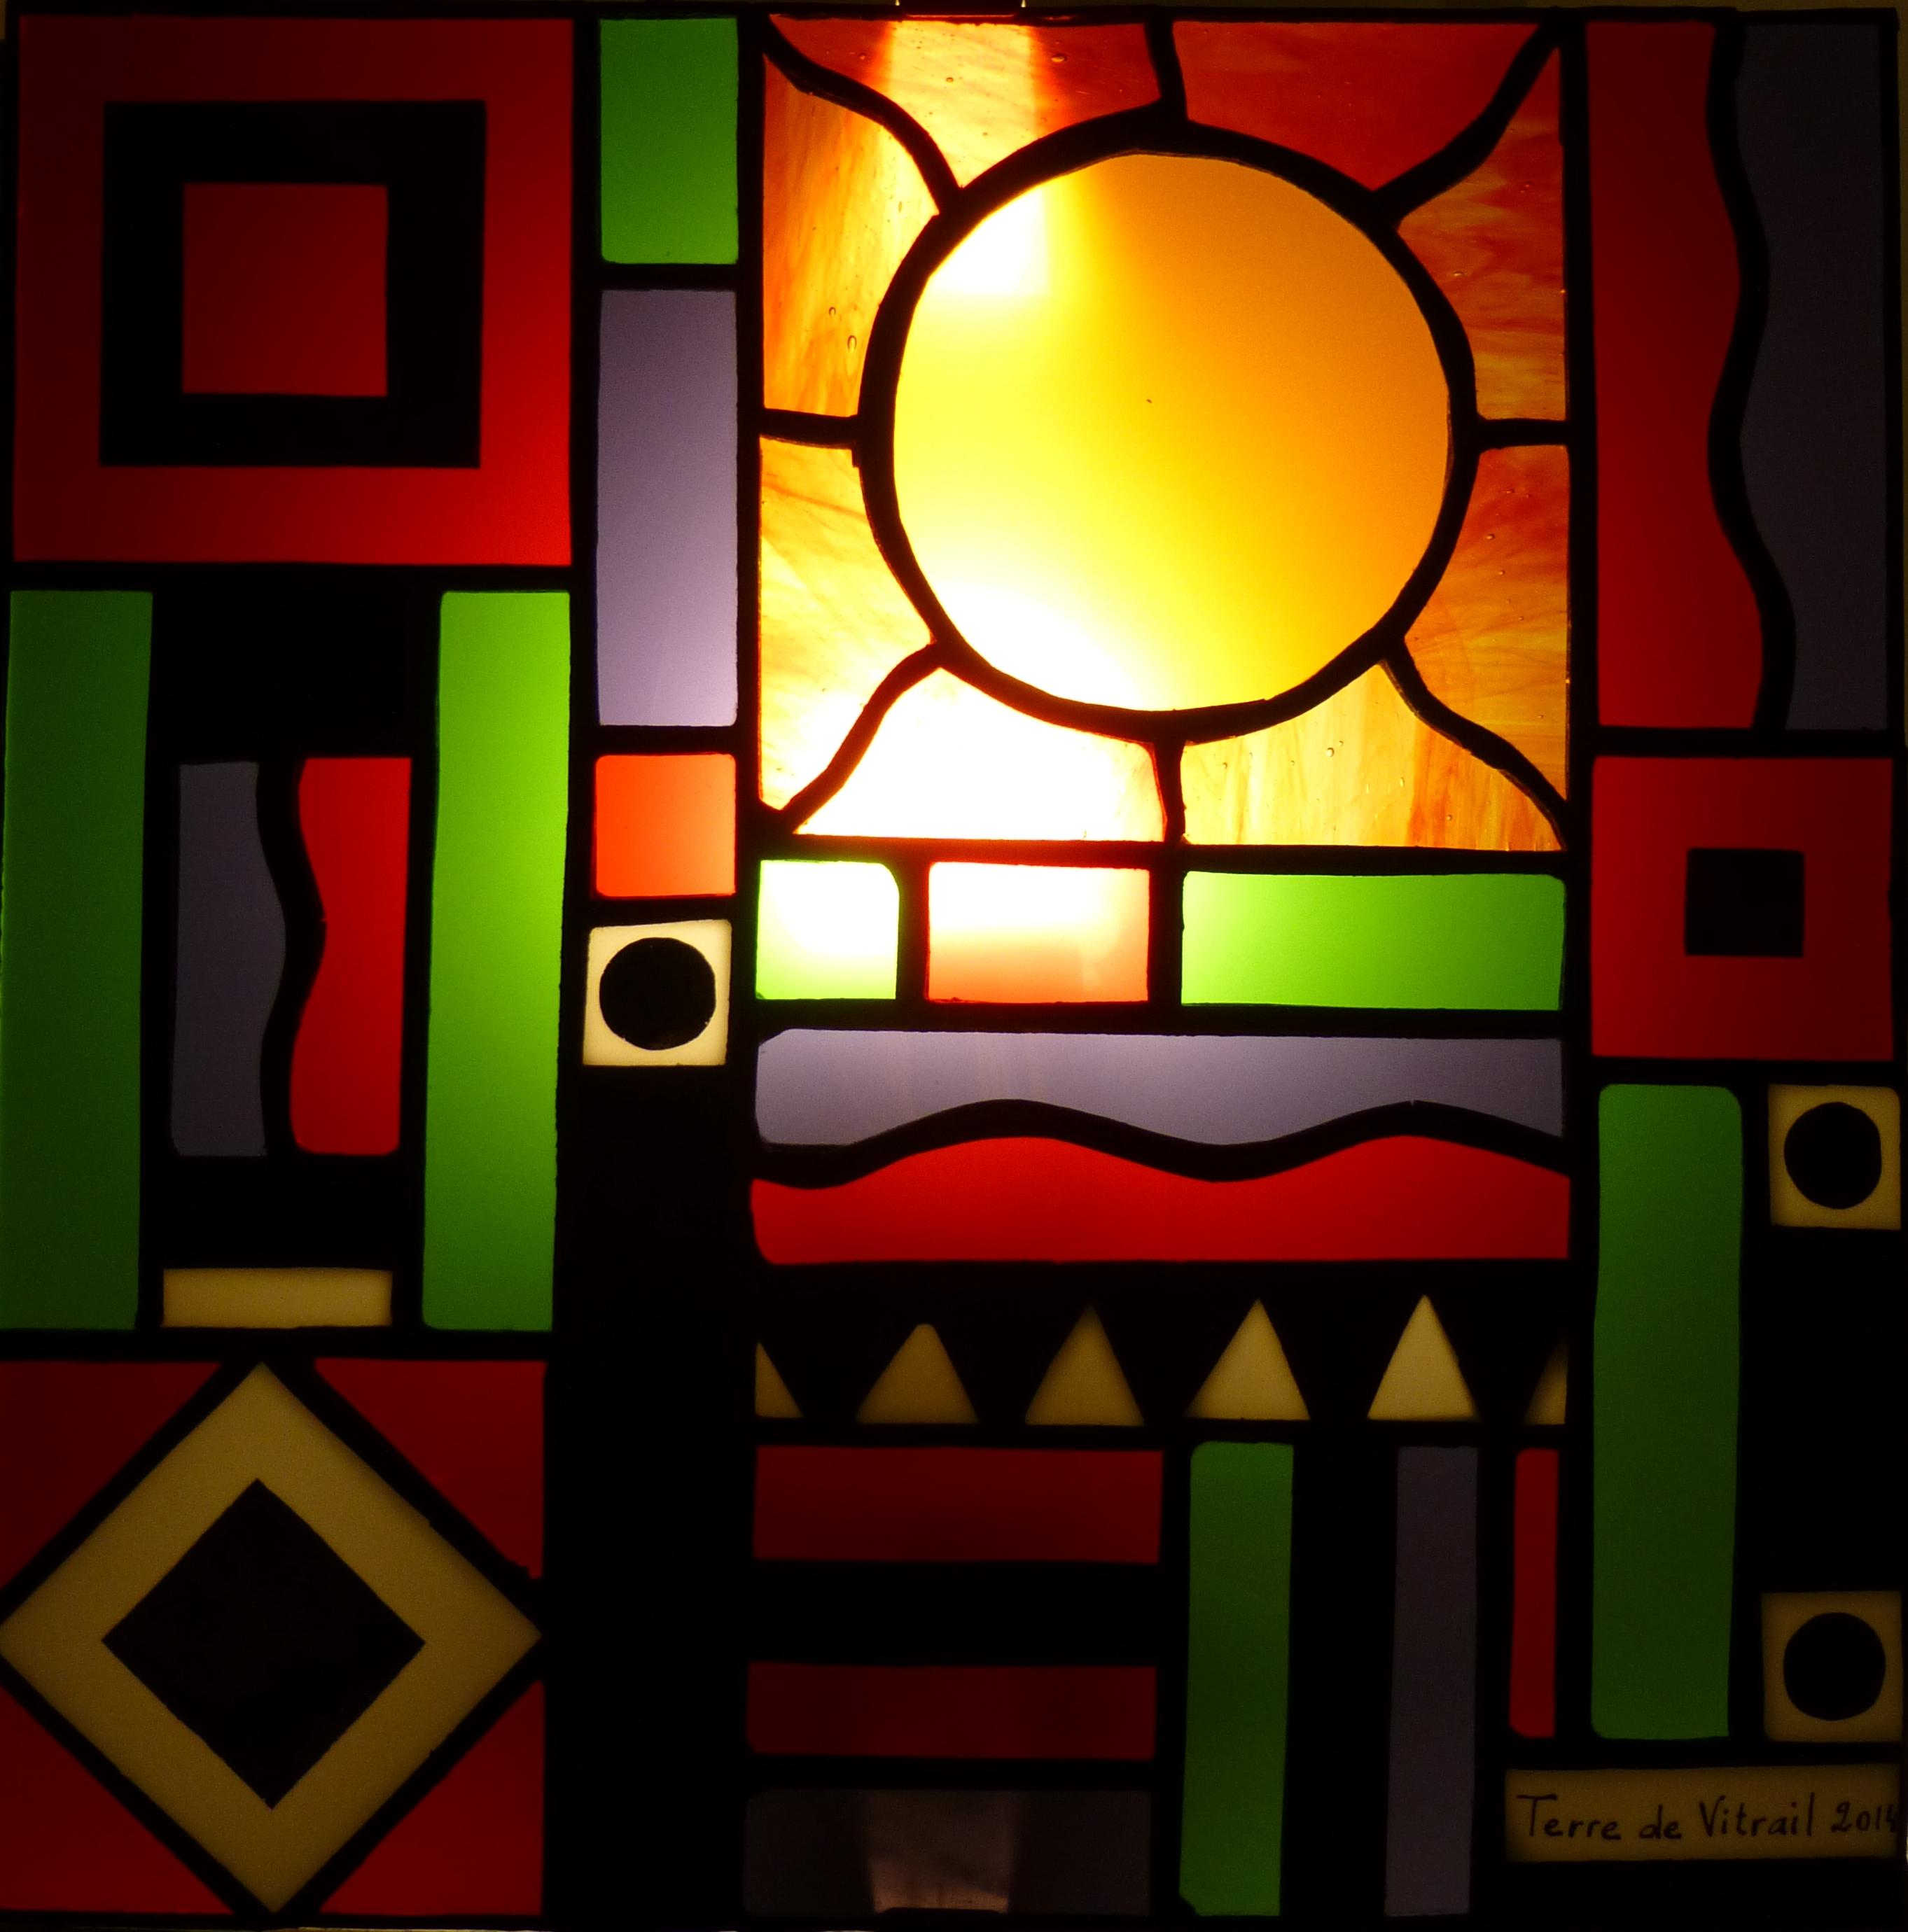 Applique vitrail Géométries